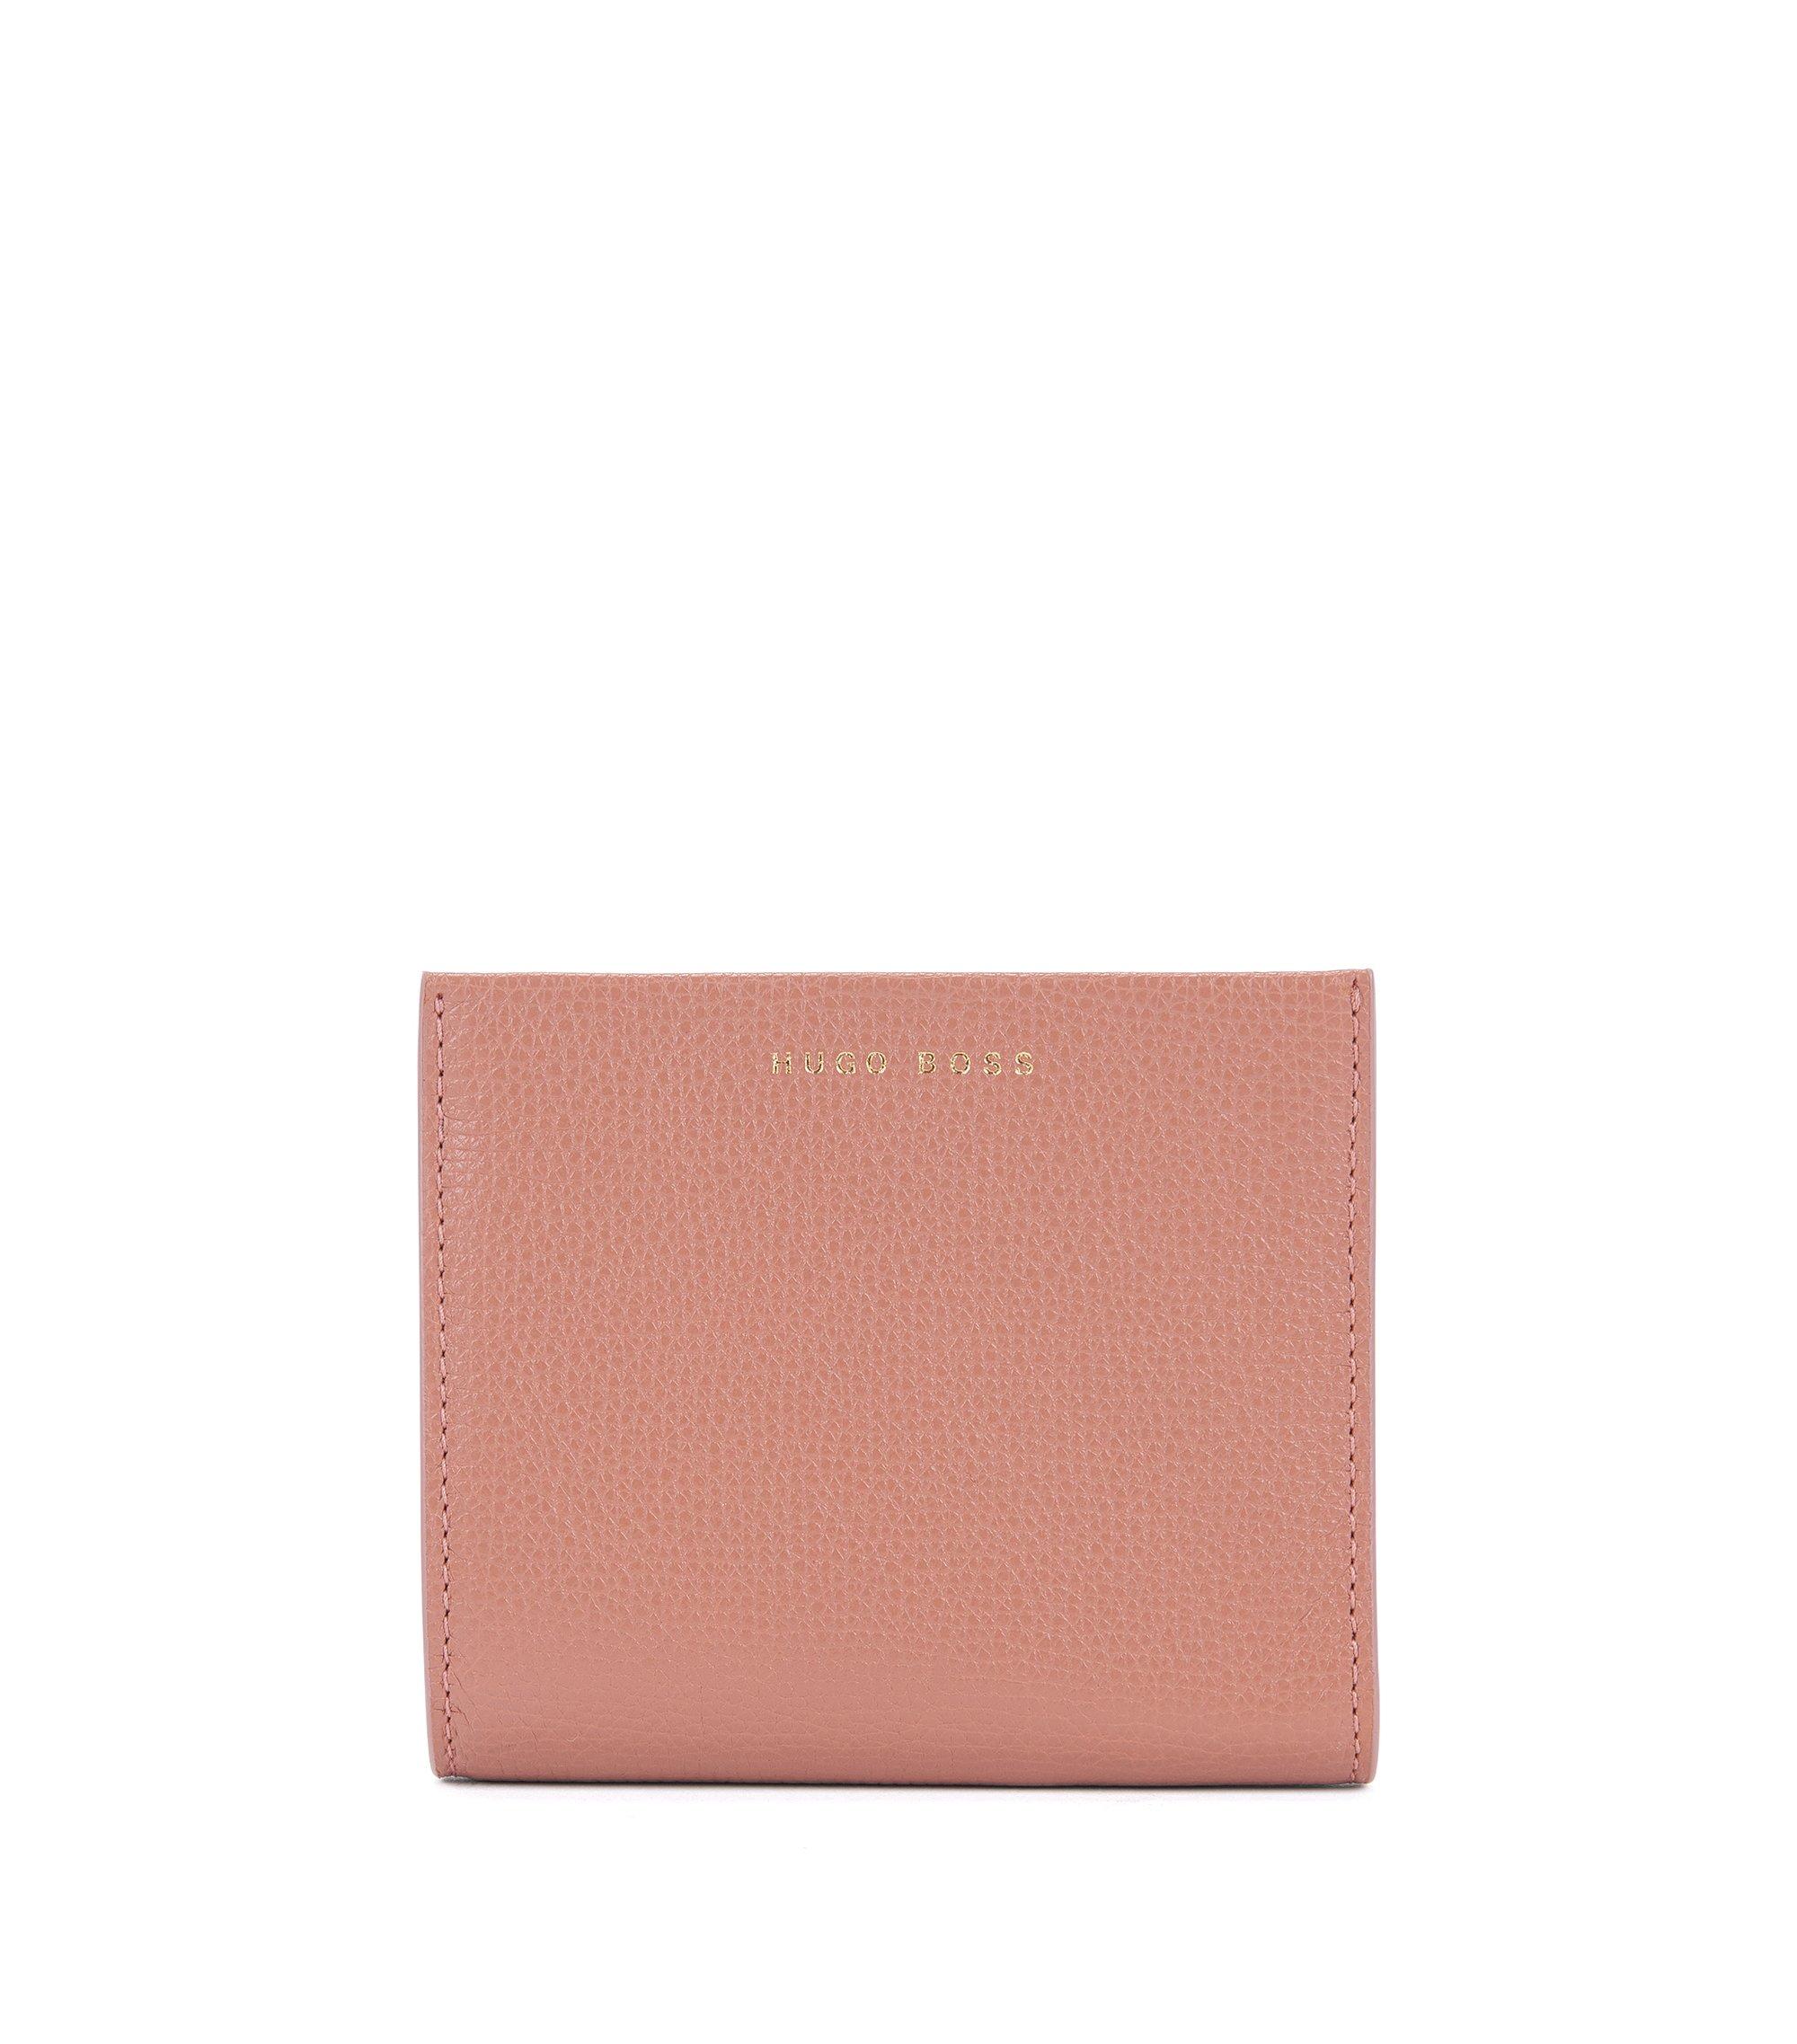 Portefeuille compact en cuir grainé italien, Beige clair